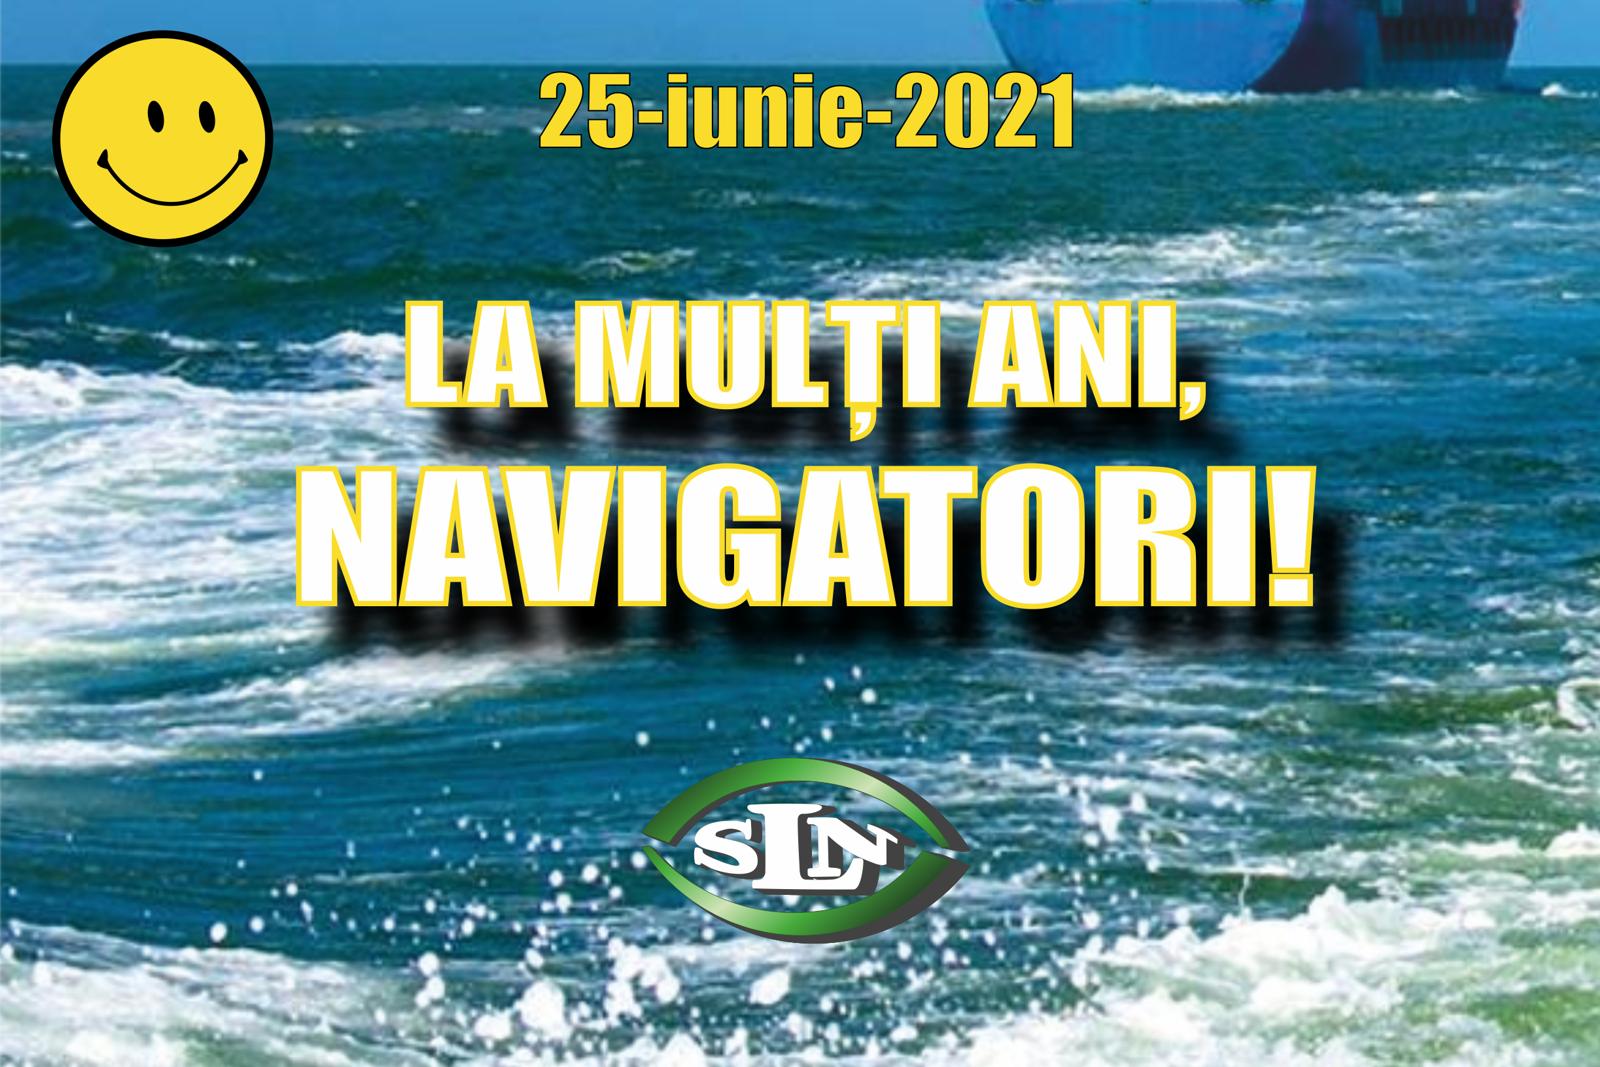 La mulți ani, marinari, de Ziua Internațională a Navigatorului